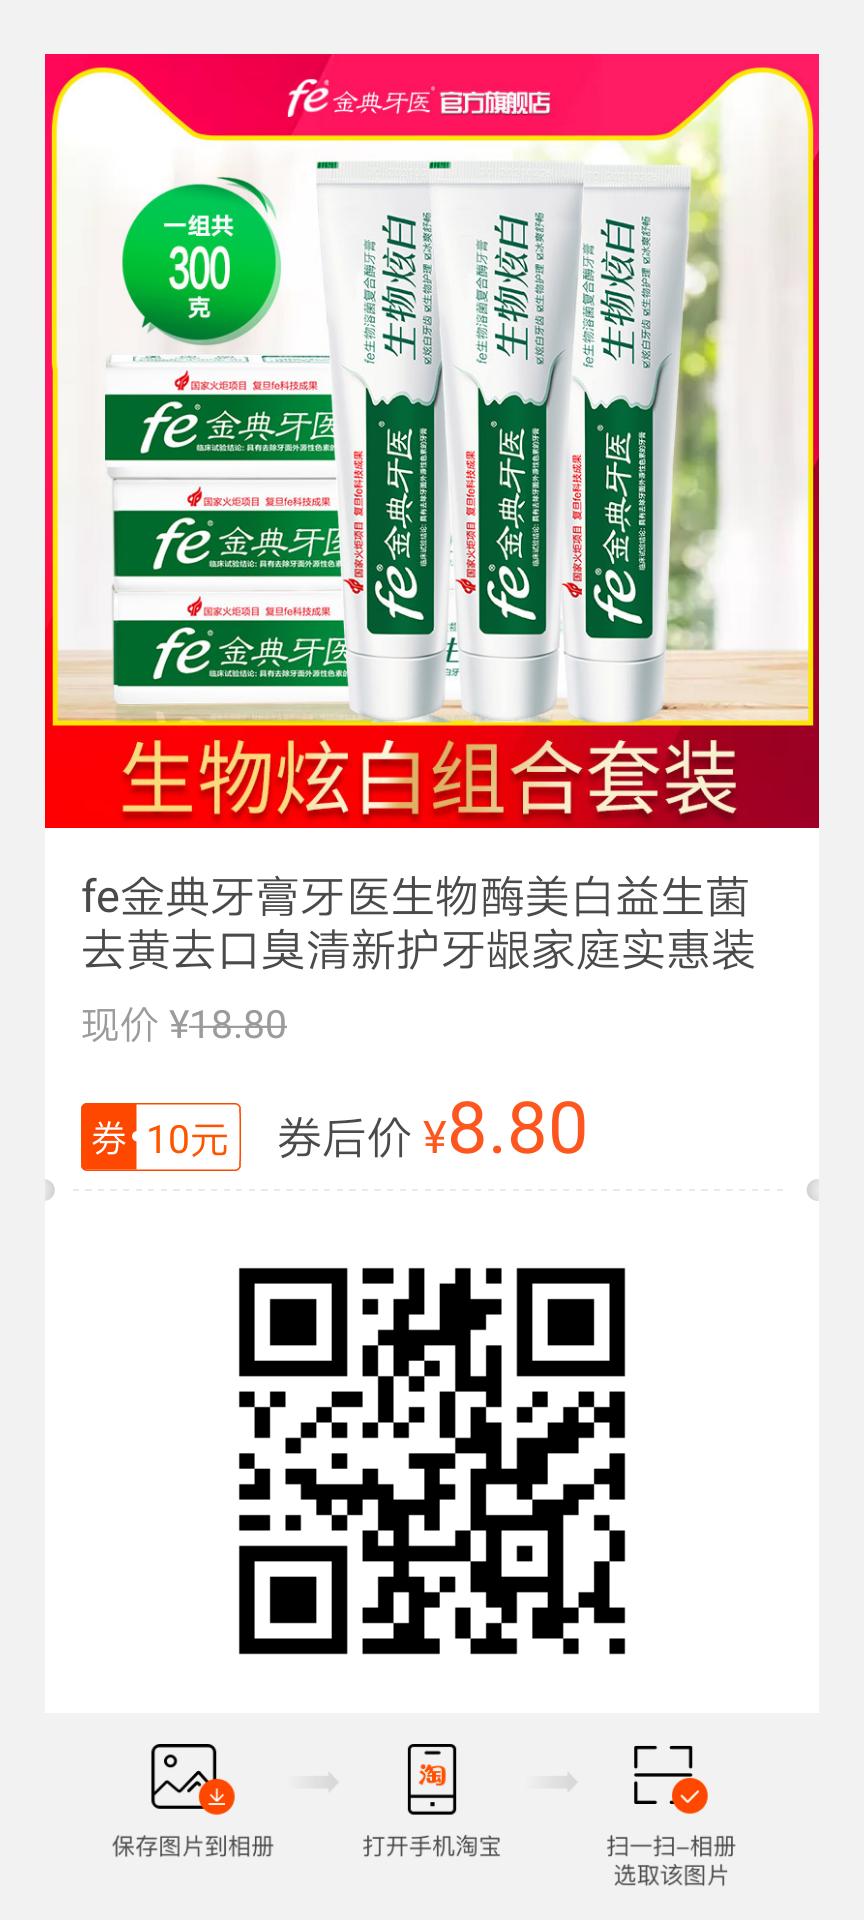 9.9云南白药牙膏2支 电动牙刷网红零食一箱  第2张